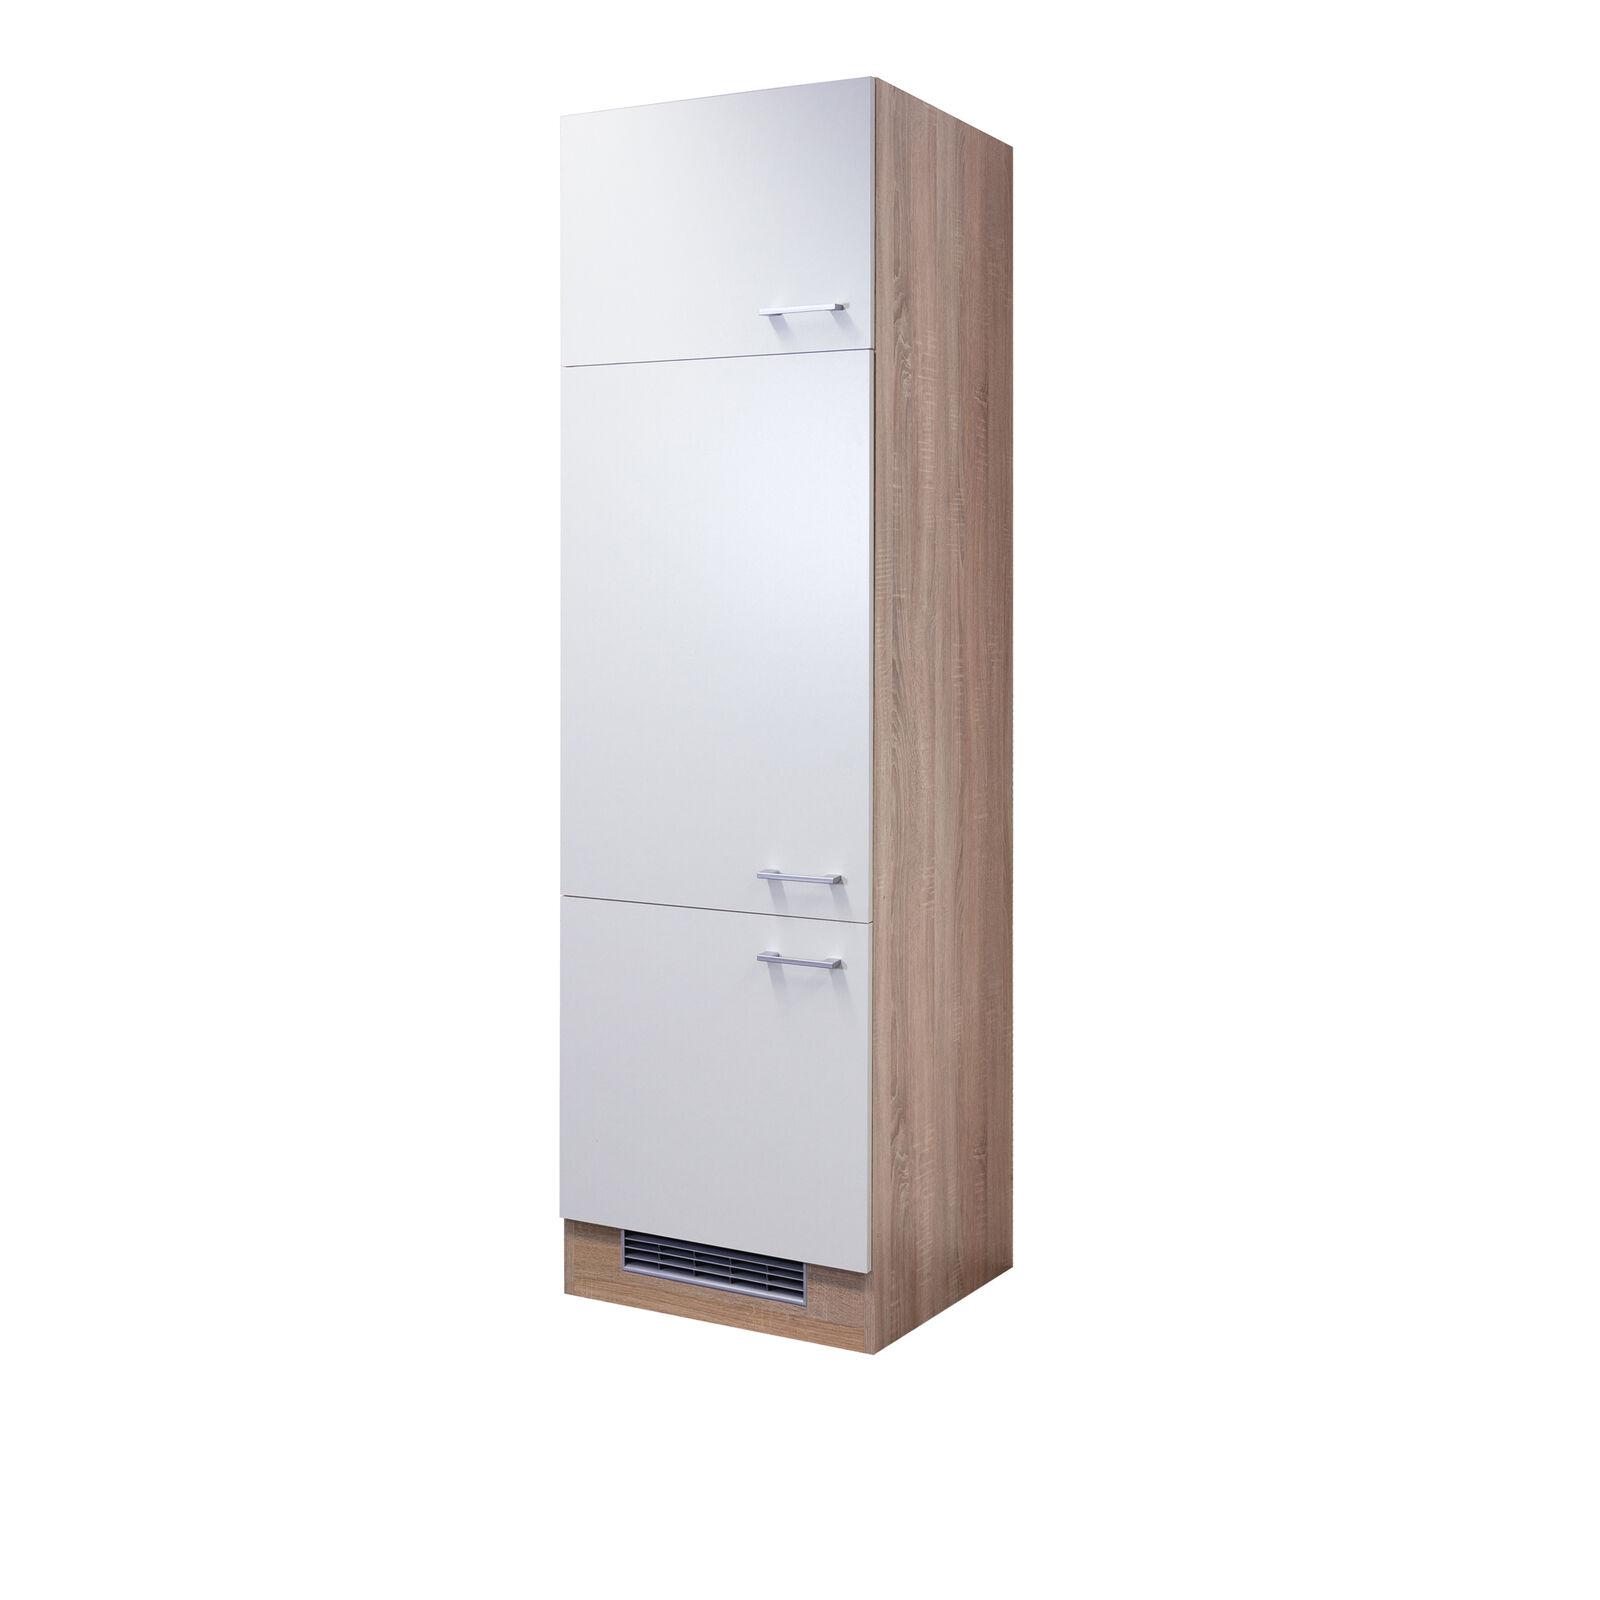 Kühlschrankumbau ROM Umbauschrank Küchenschrank Hochschrank 60 cm weiss   sonoma